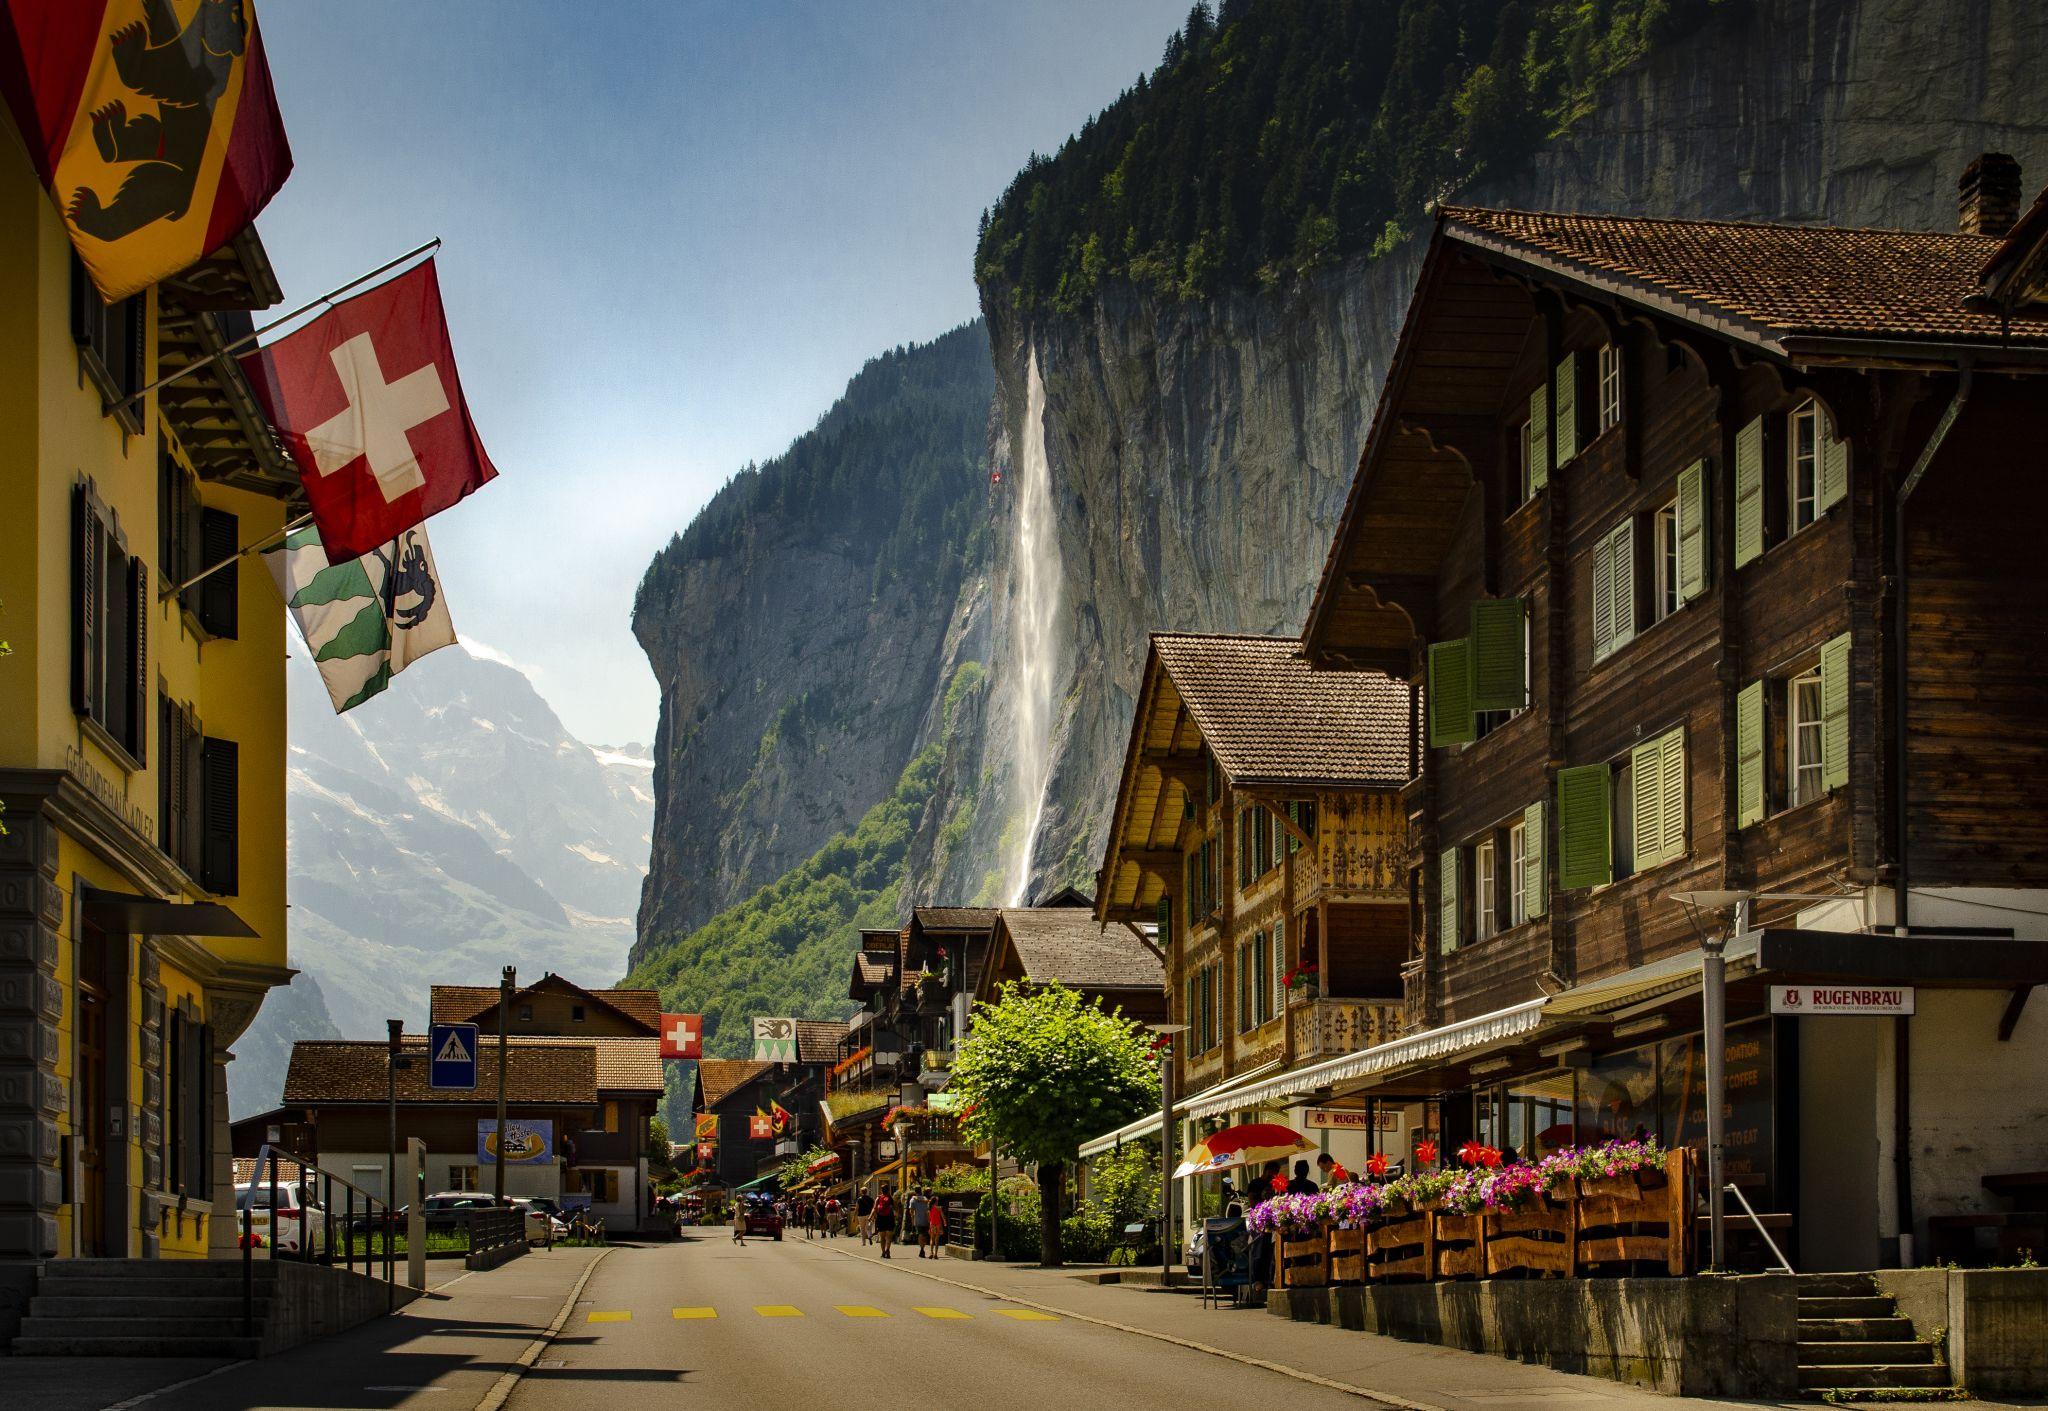 Lauterbrunnen Village, Switzerland